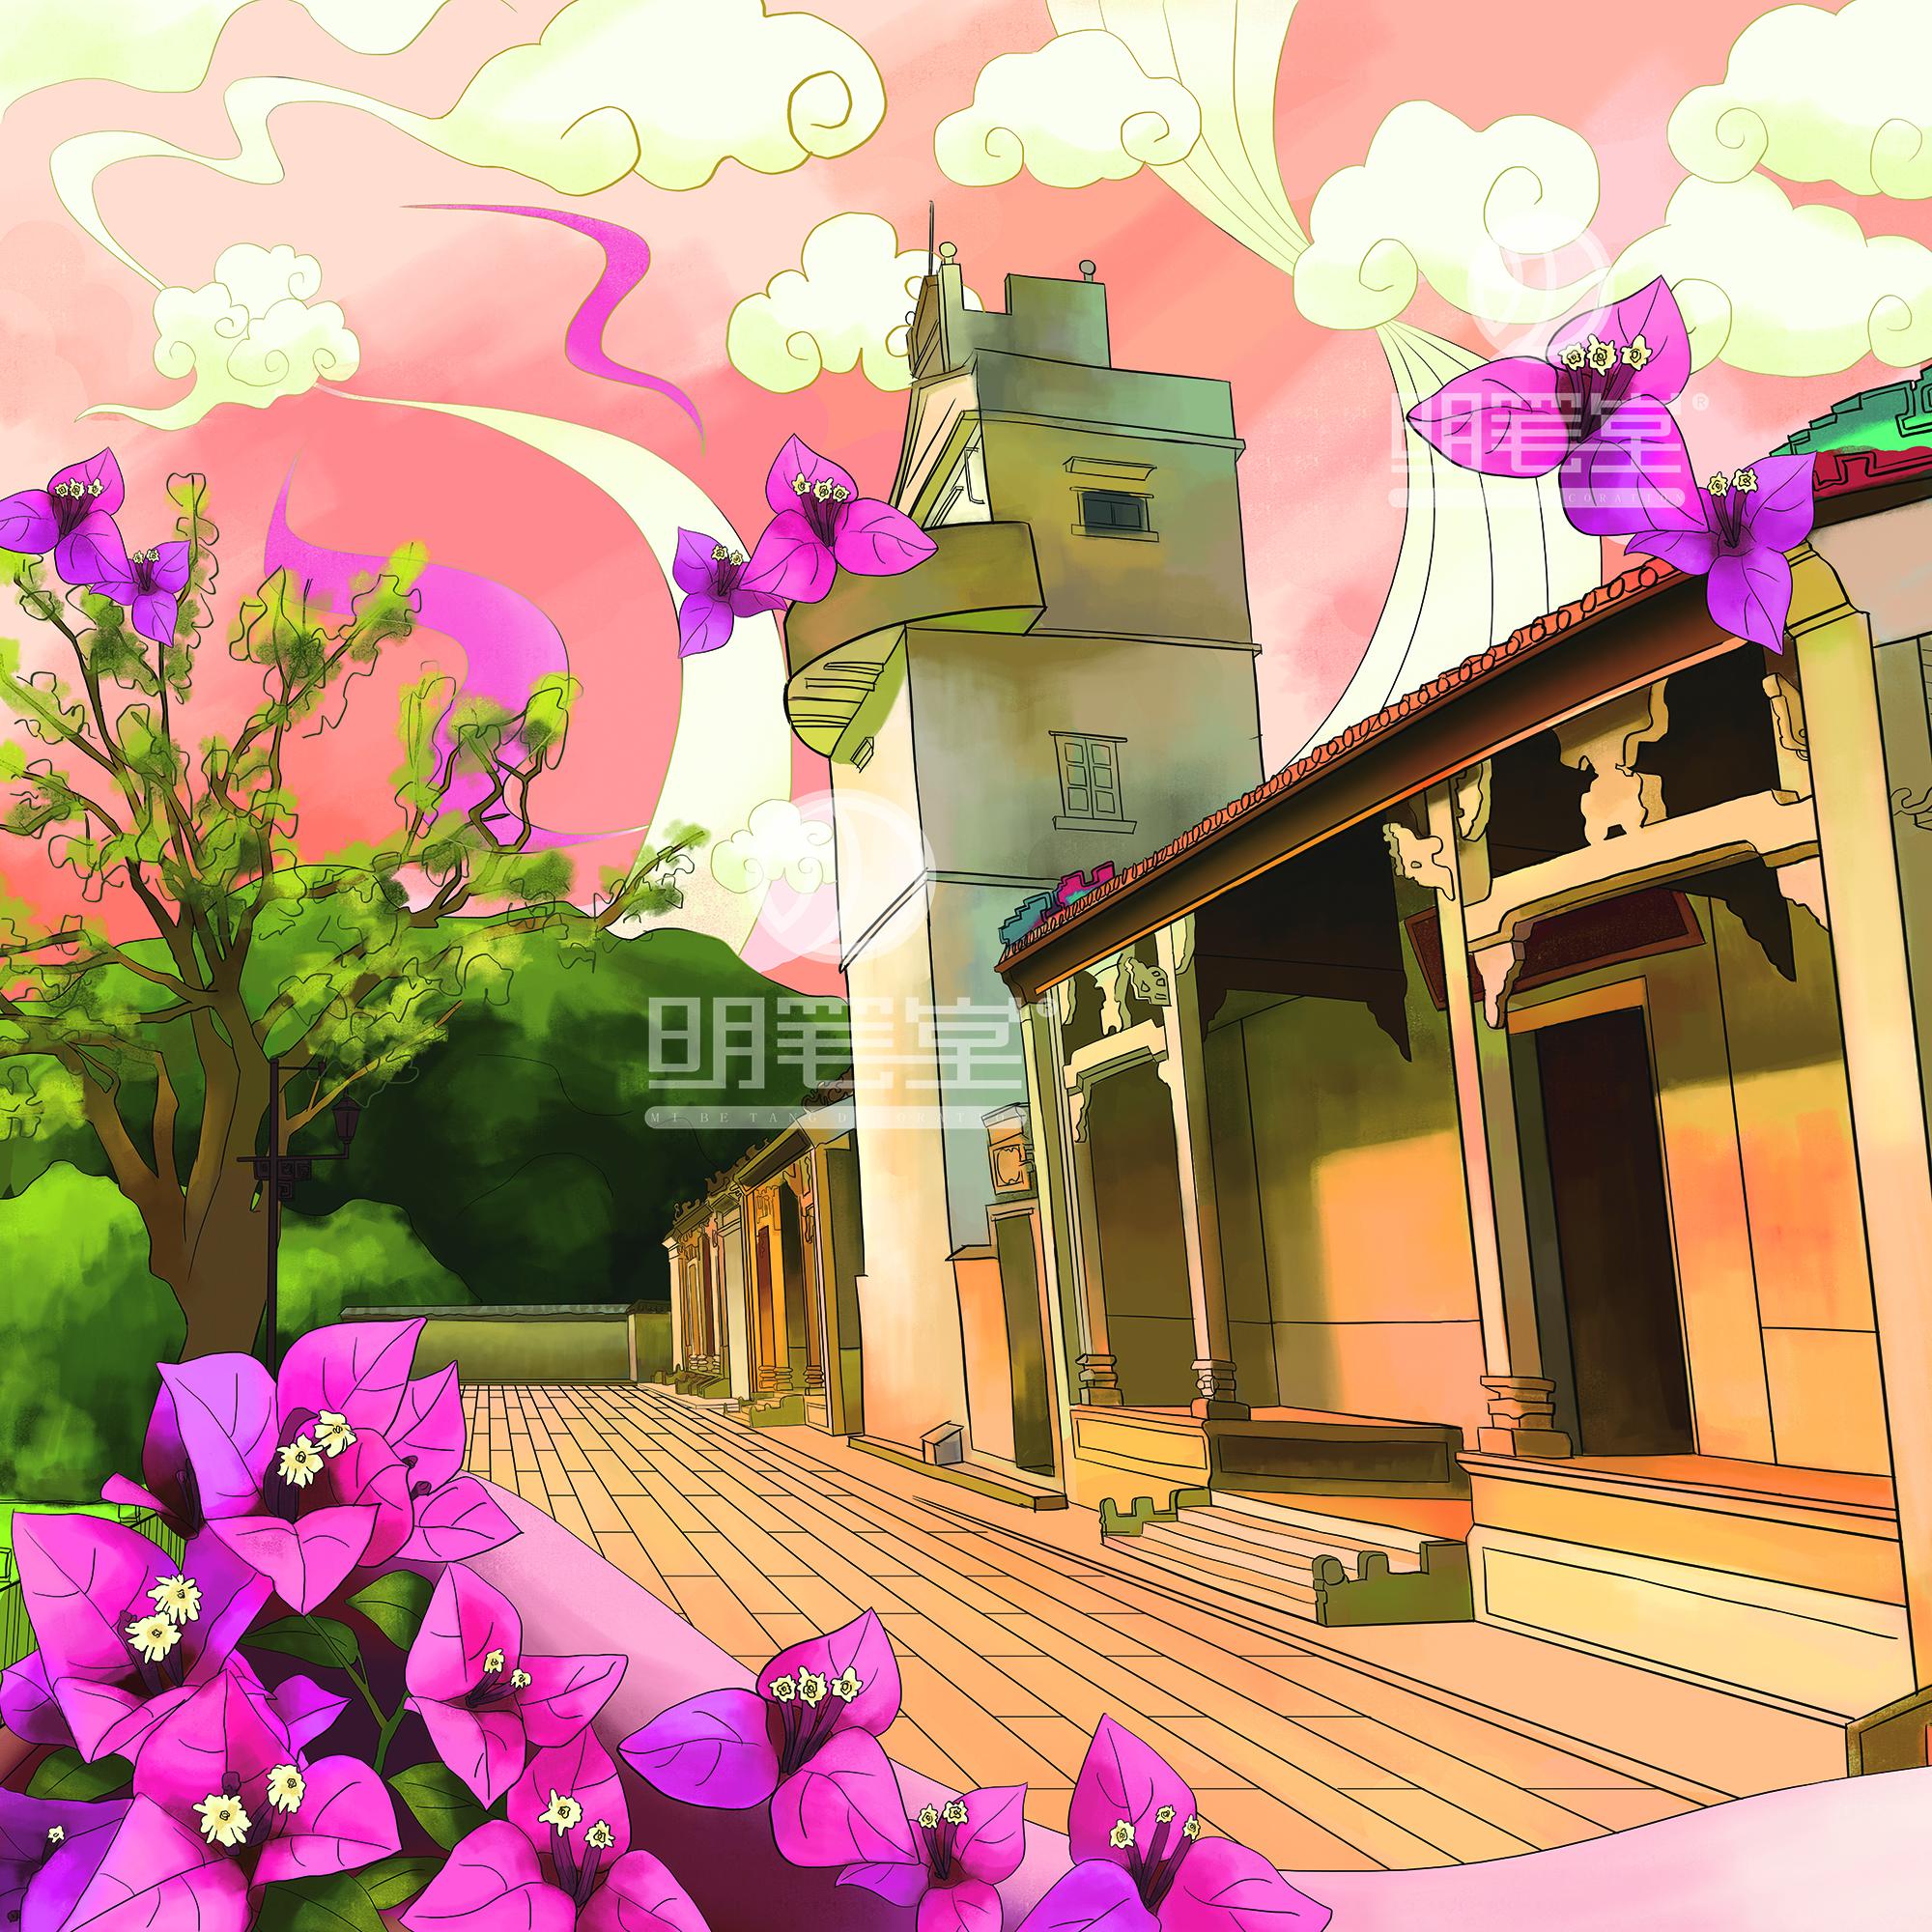 日韩欧美中国风插画漫画设计吉祥物插画包装设计儿童绘本插画设计